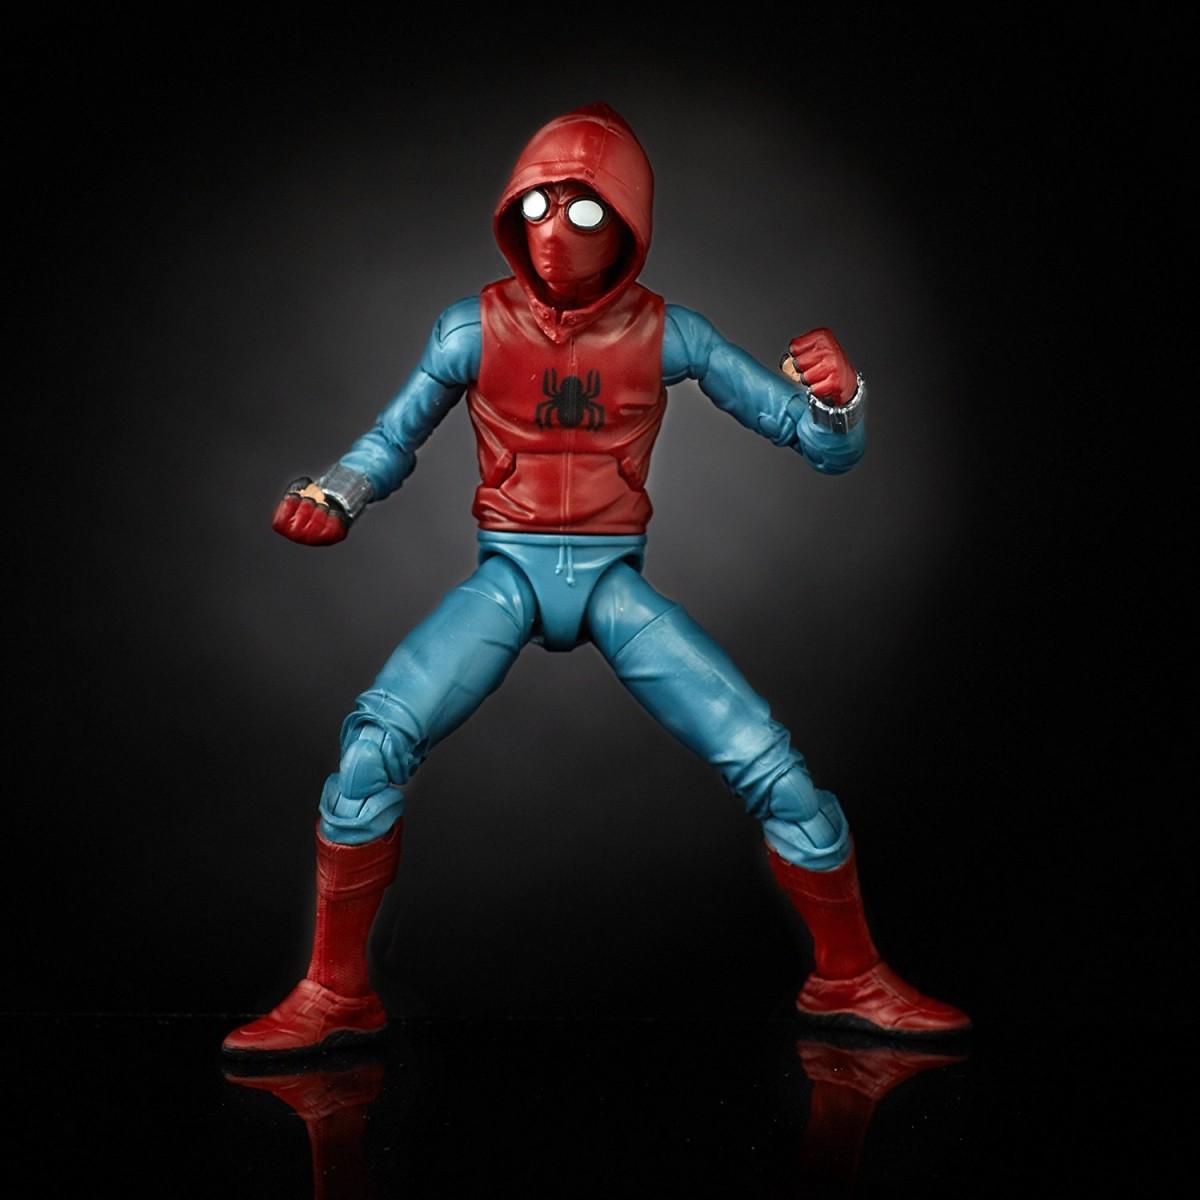 EM BREVE: Boneco Homem-Aranha (Spider-Man) Uniforme Caseiro: Homem-Aranha De Volta ao Lar (Spider-Man Homecoming) Marvel Legends - Hasbro